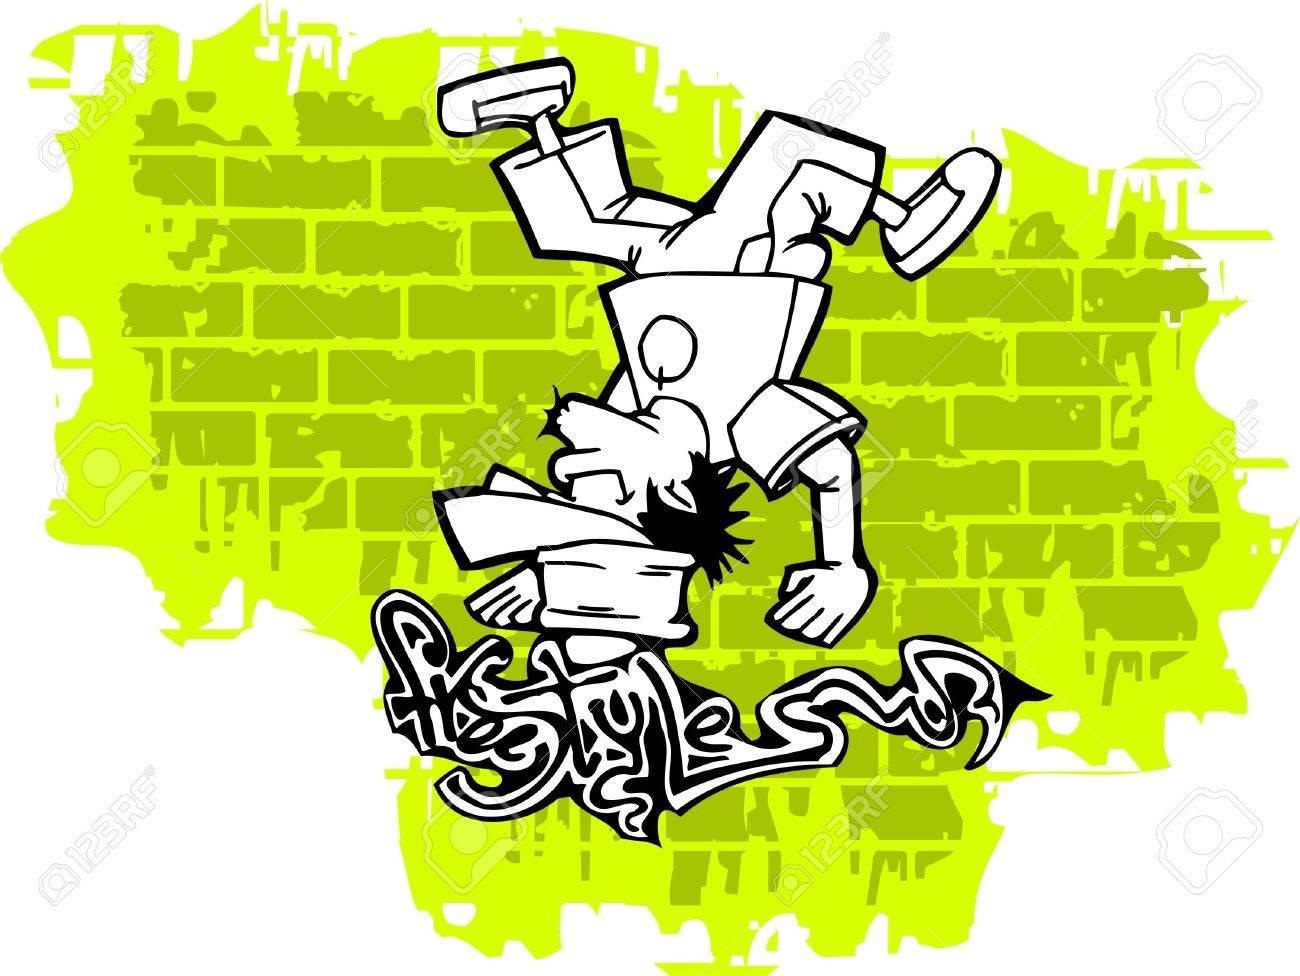 Graffiti wall clipart - Graffiti Vector Illustration Vinyl Ready Stock Vector 8759168